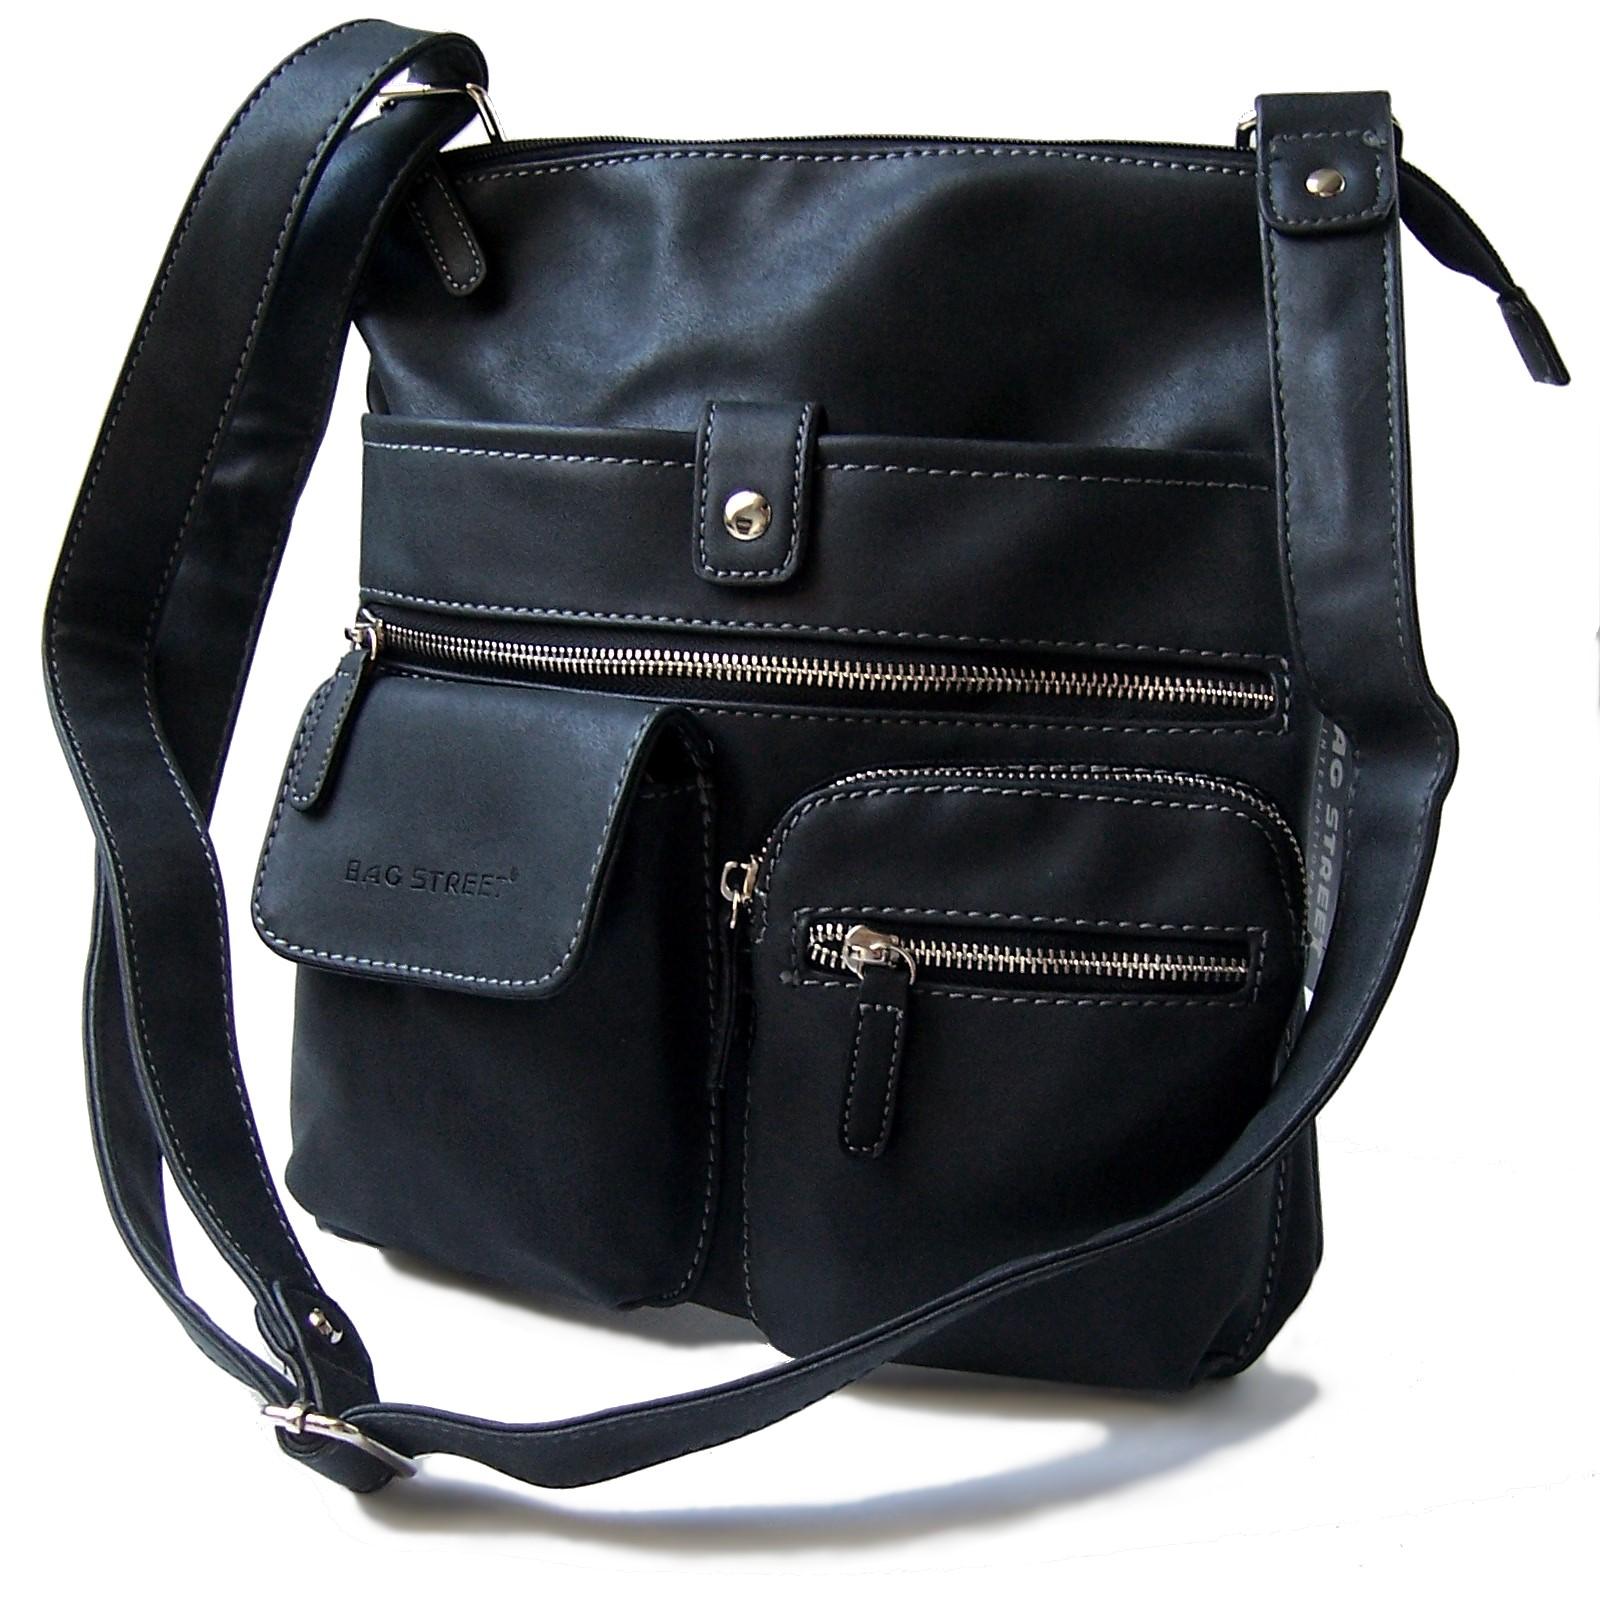 Tasche Handtasche Schultertasche Bag Street schwarz Damen Ta5137